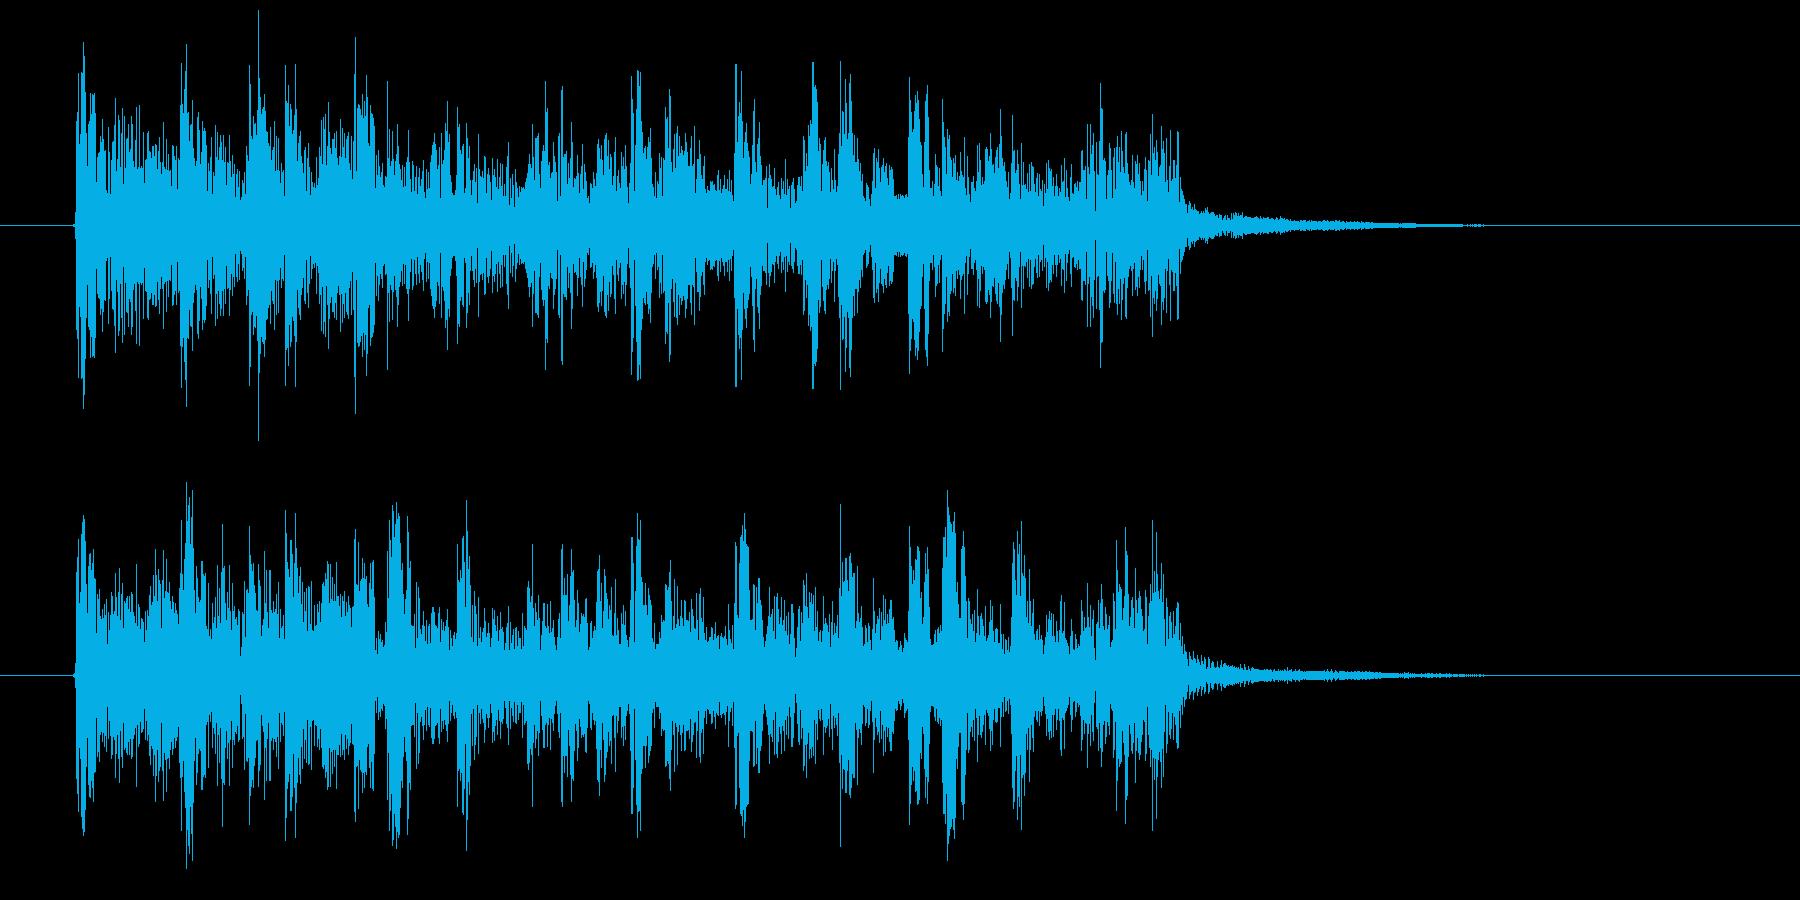 幻想的でおしゃれなテクノ音楽の再生済みの波形